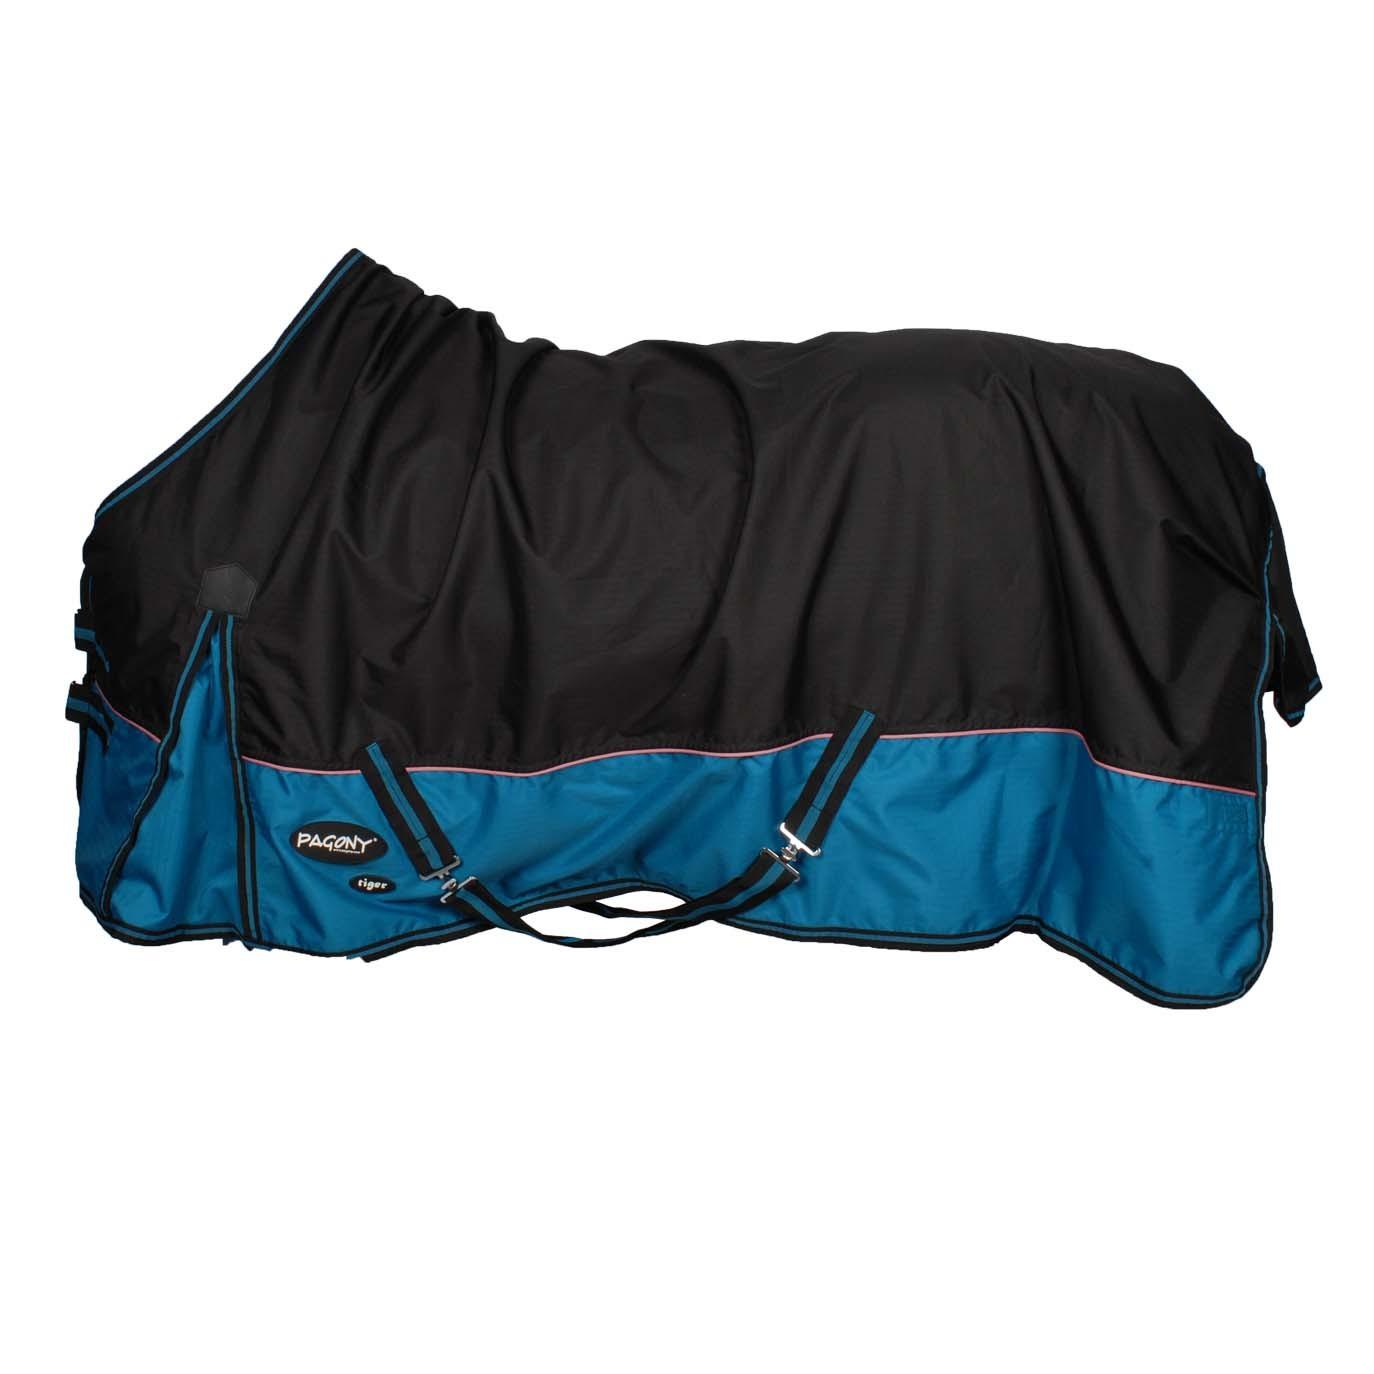 Pagony Tiger 0gr outdoor deken zwart maat:185